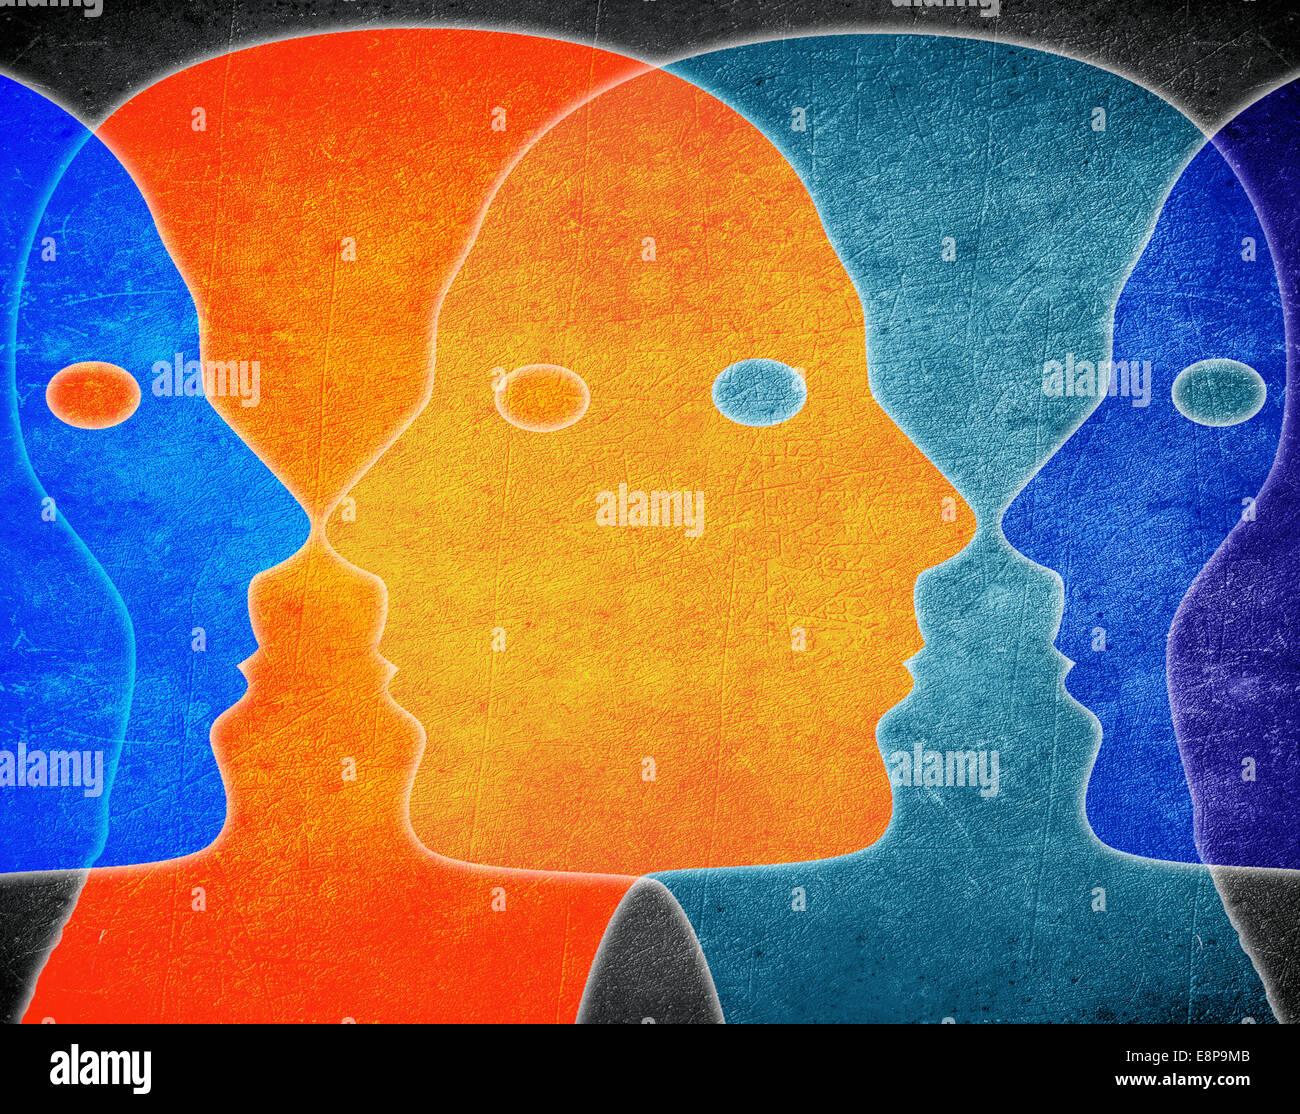 Quatre têtes couleurs illustration numérique Photo Stock